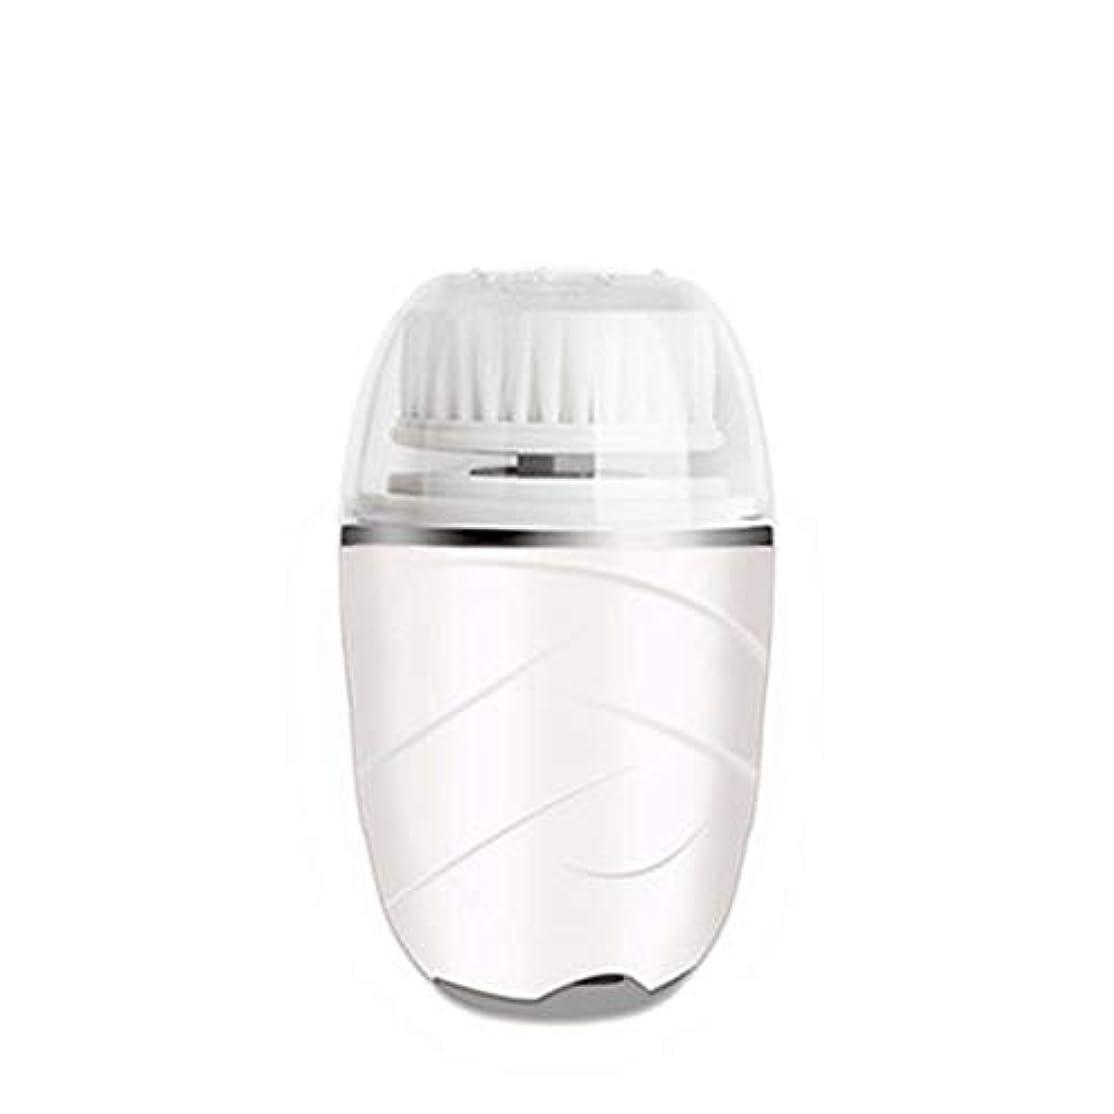 ラケットテレビ局キャップHEHUIHUI- クレンジングブラシ、防水ディープクレンジングポア、電気剥離、にきび、アンチエイジングクレンジングブラシ(ピンク) (Color : White)